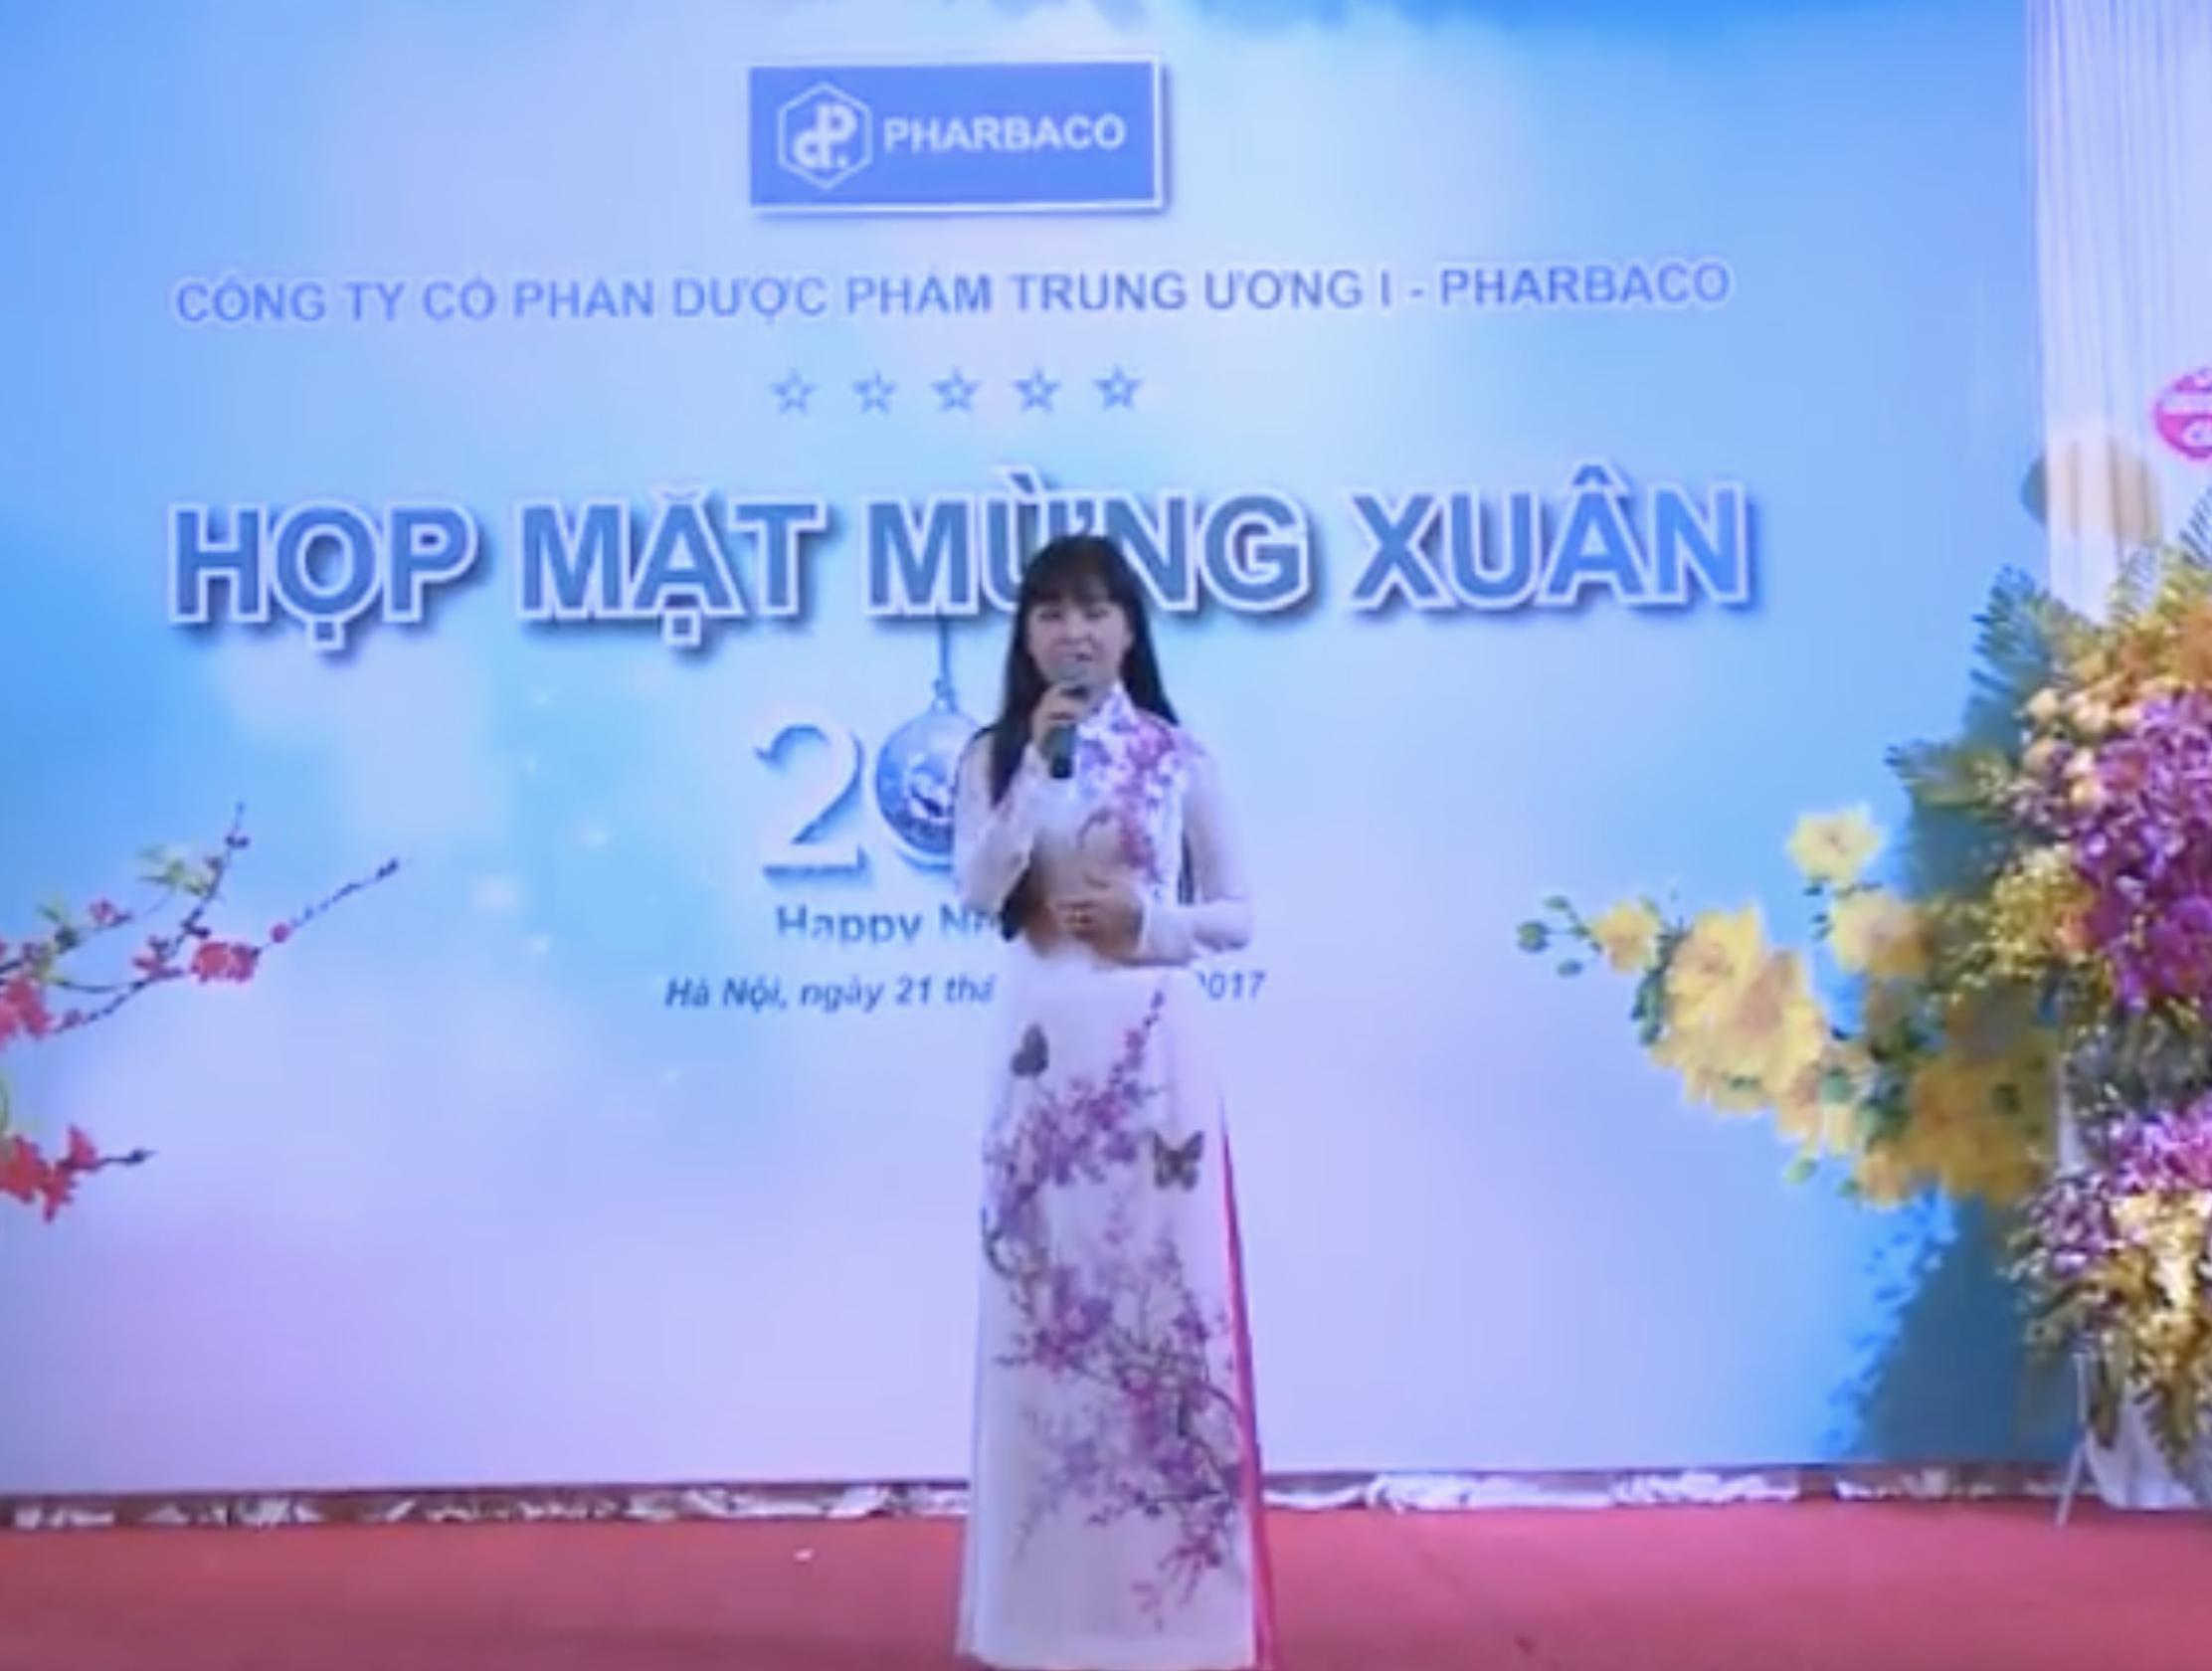 Ca sĩ Trang Nhung biểu diễn tại buổi họp mặt mừng xuân 2017 của Công ty CP Dược Phẩm TW I – Pharbaco